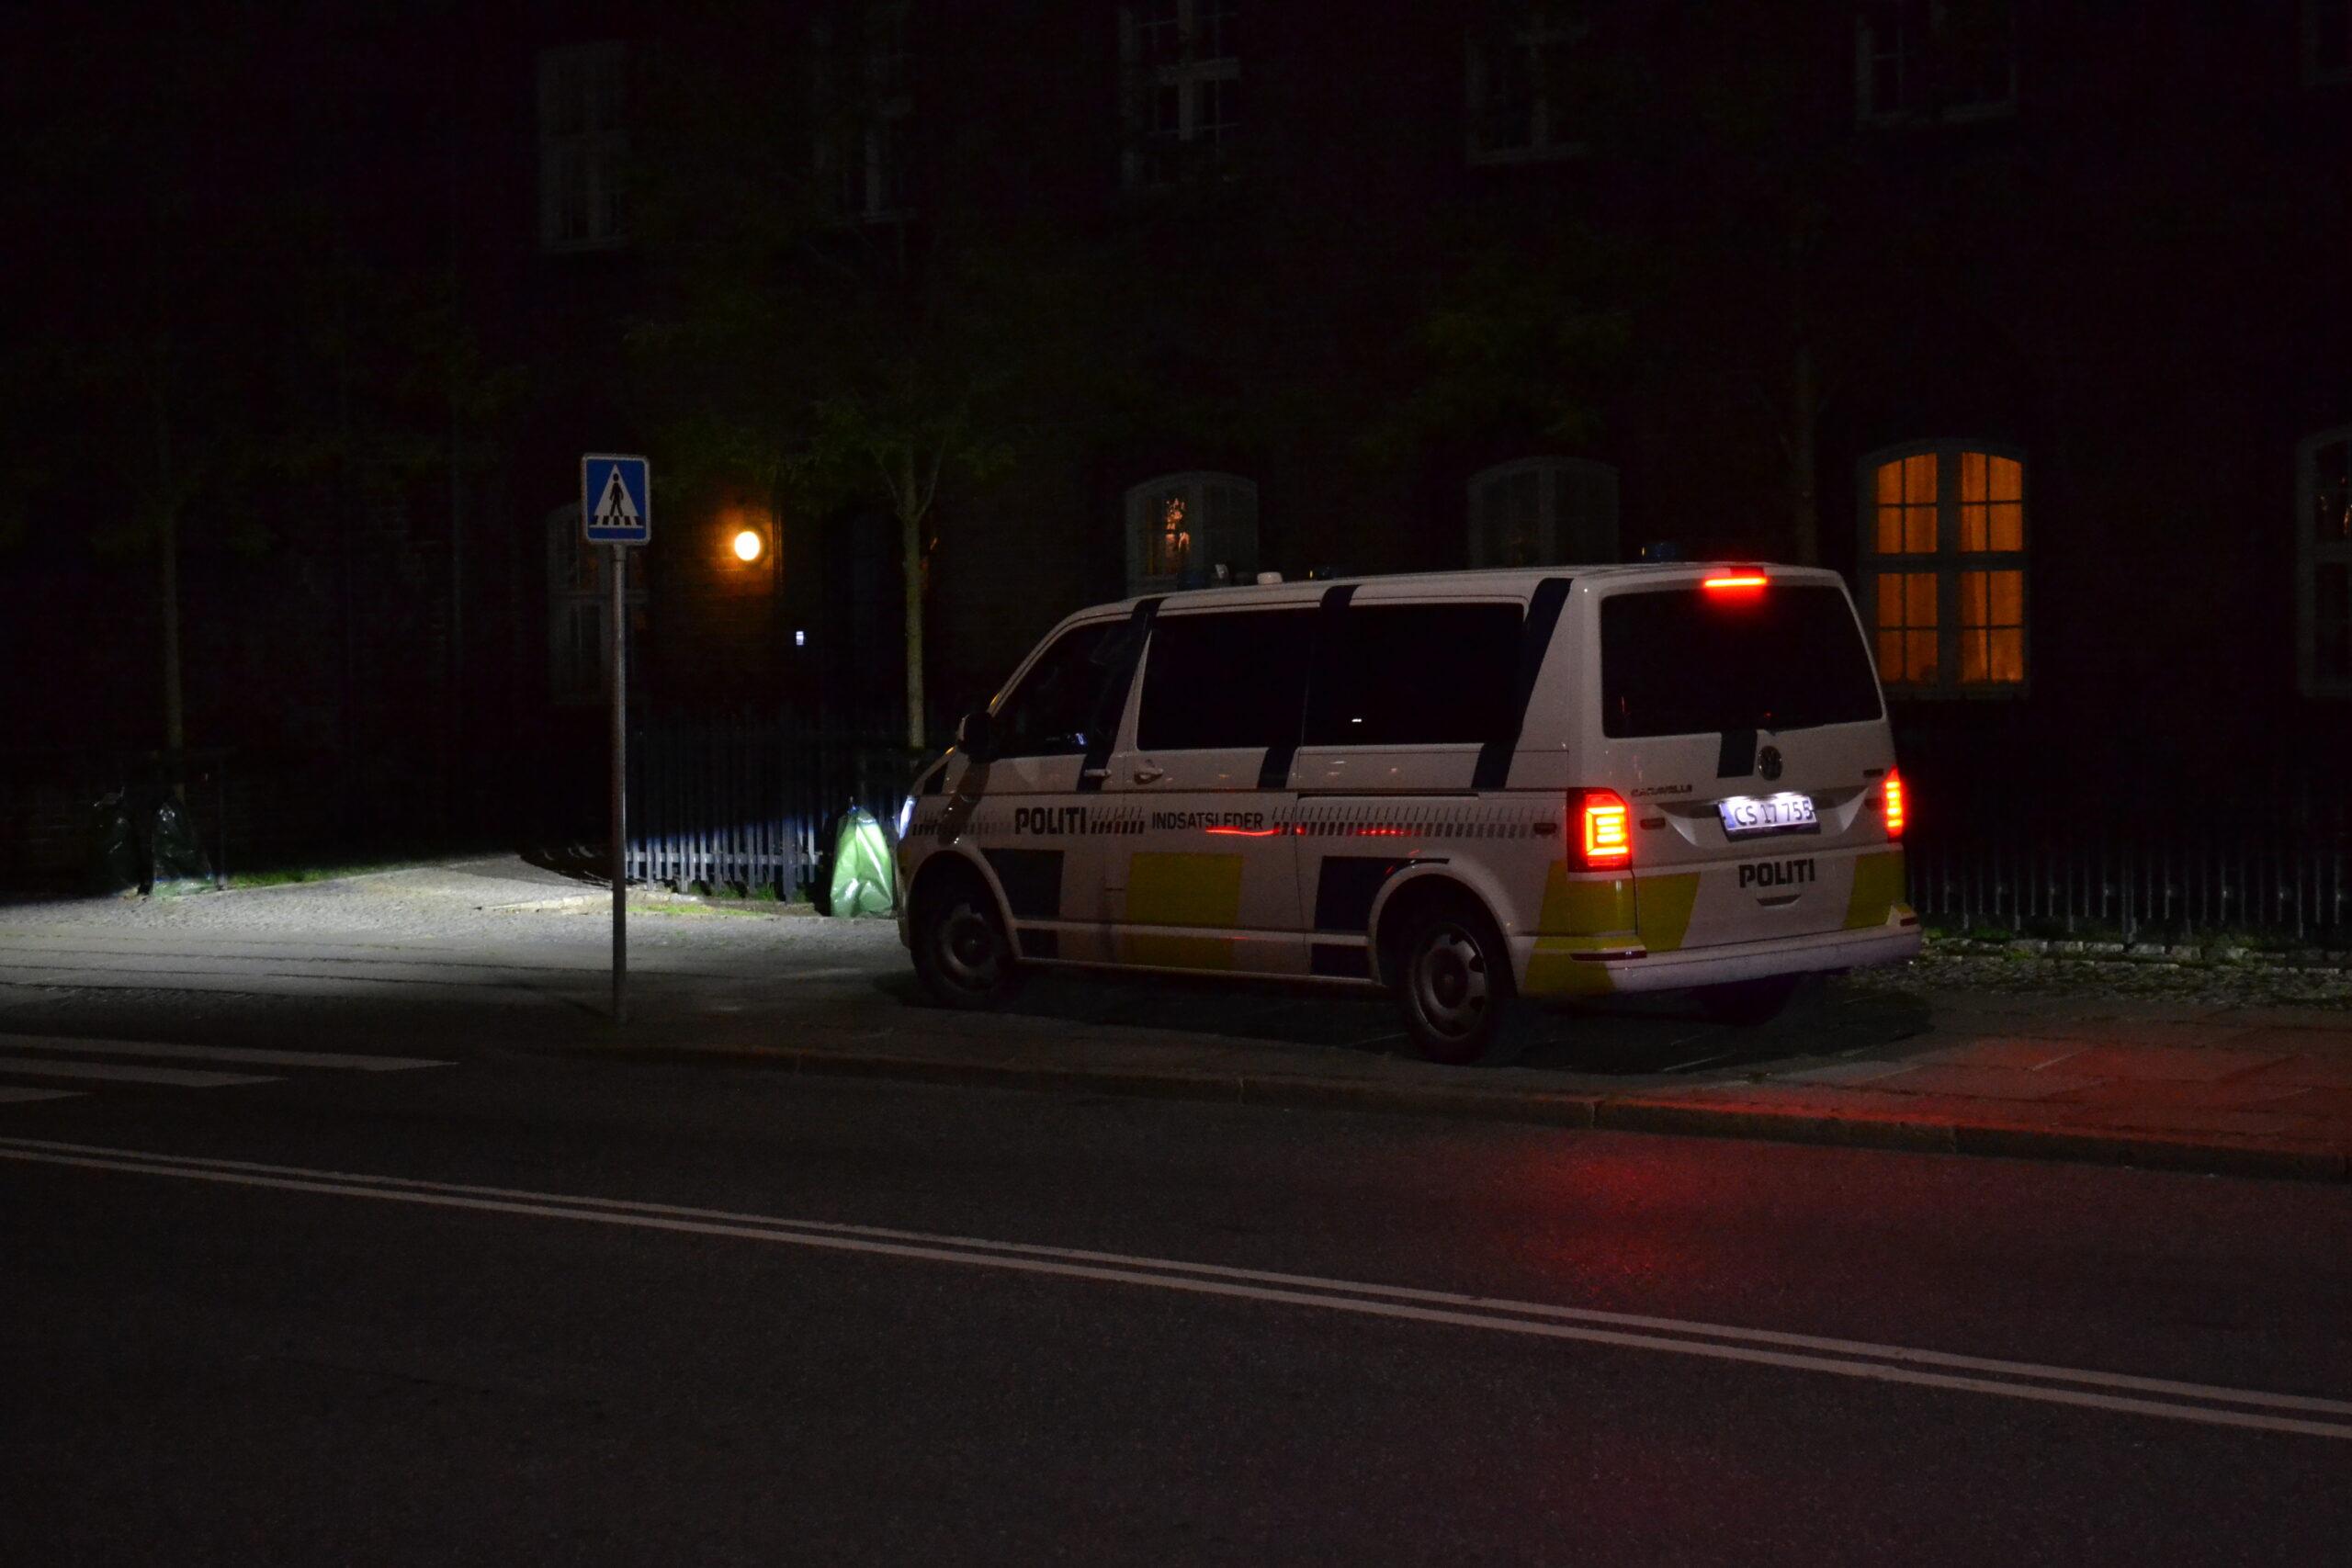 Politiet talstærkt tilstede - Nattelivet ulmer